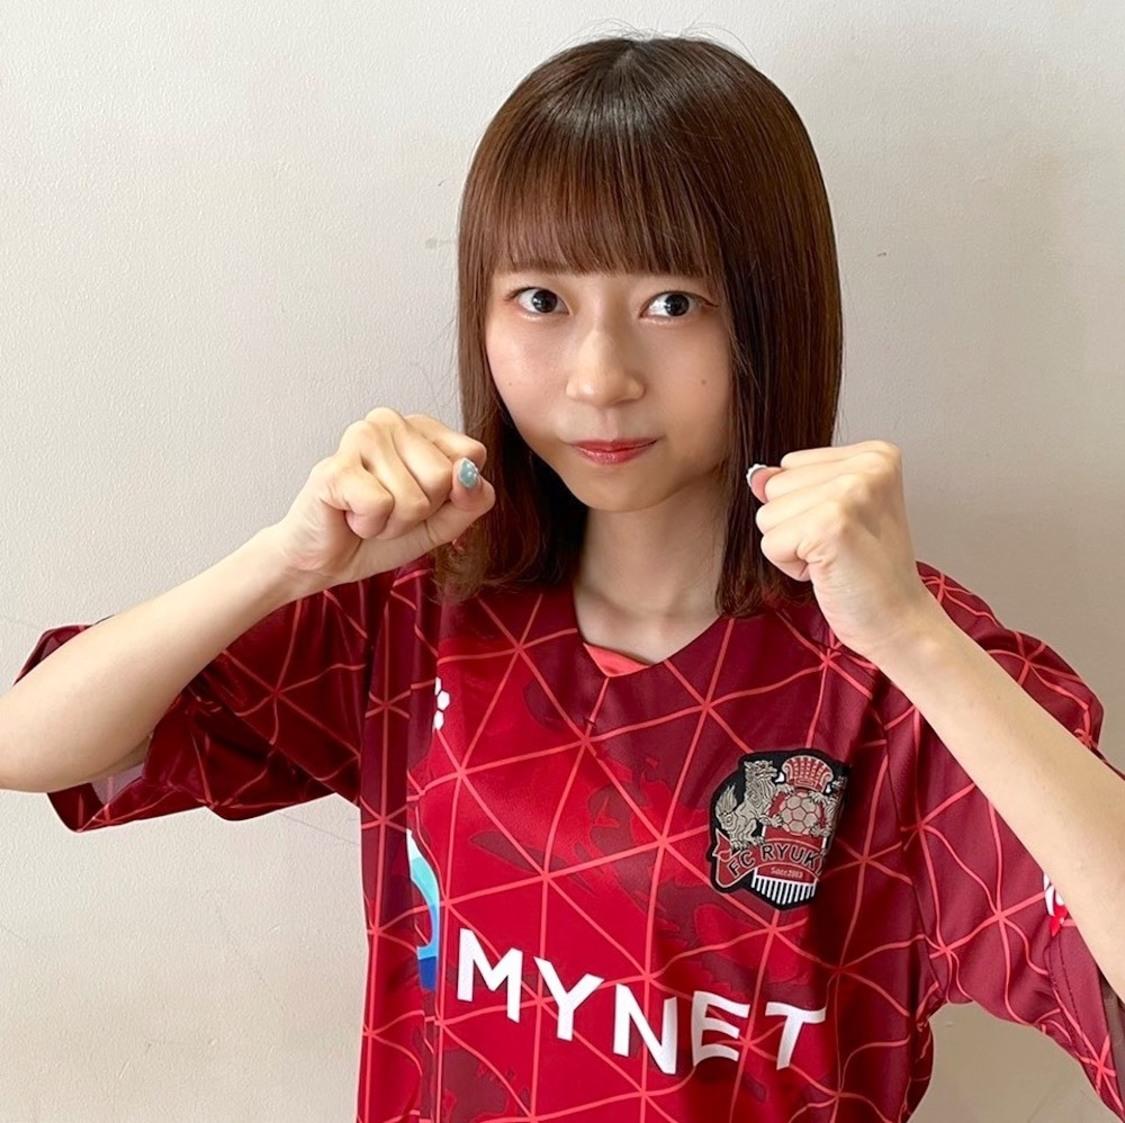 透色ドロップ 見並里穂、FC琉球ガールズに決定!「J1に昇格できるようにサポートして盛り上げていきたい」